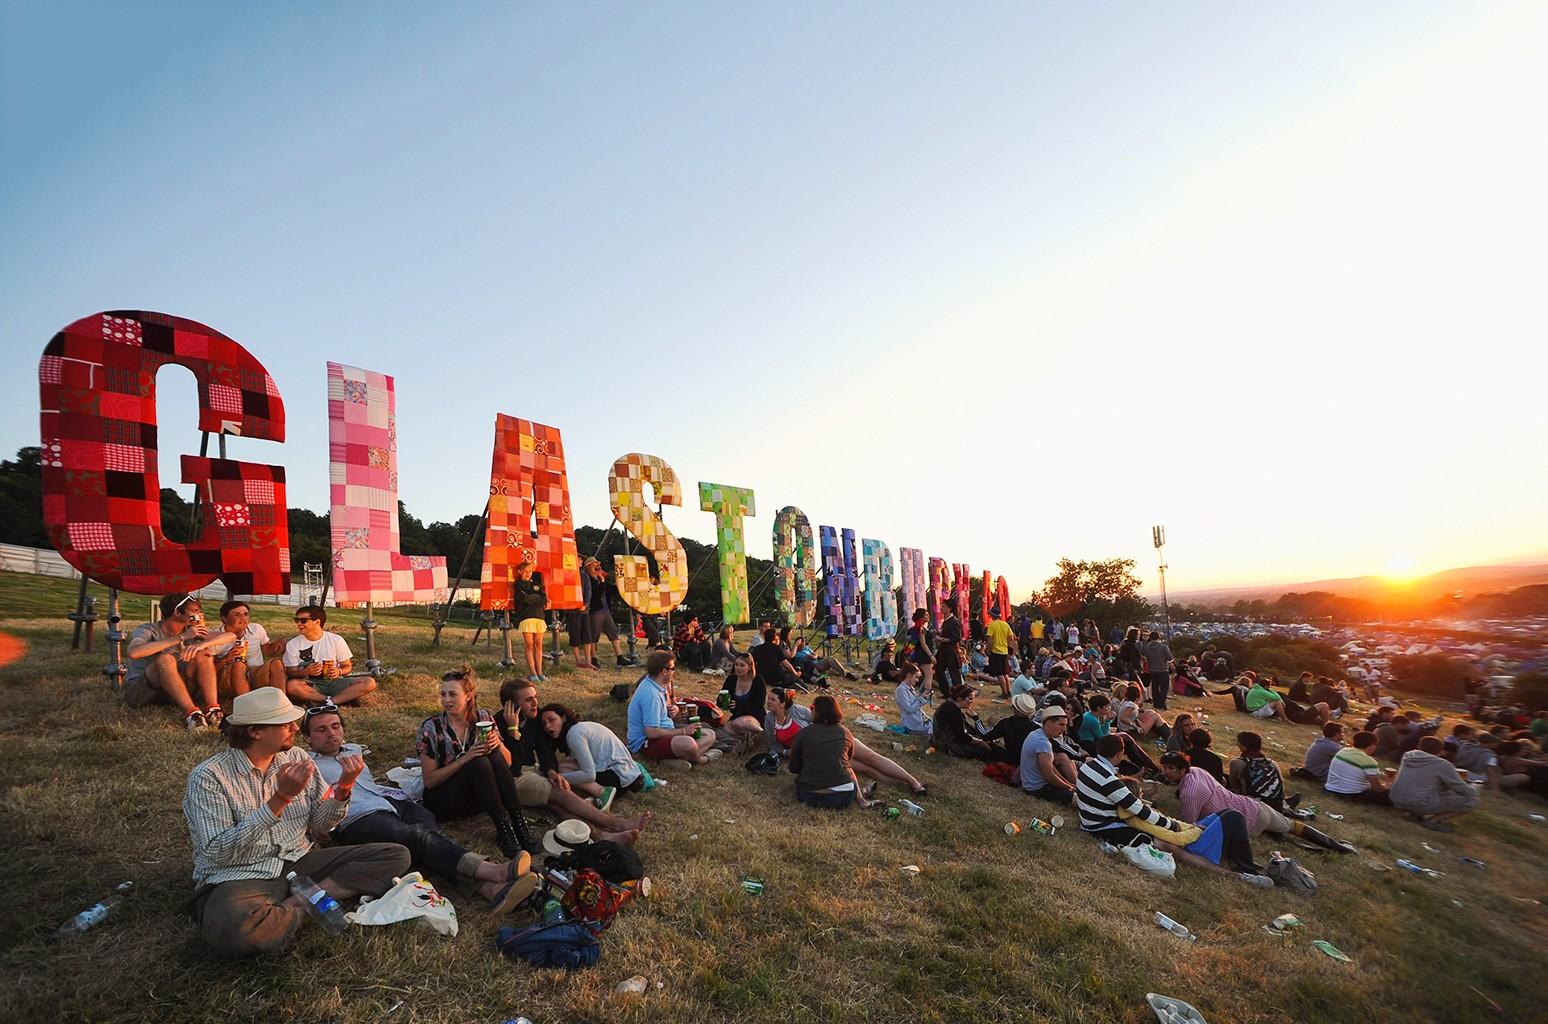 Glastonbury Festival in Glastonbury, England